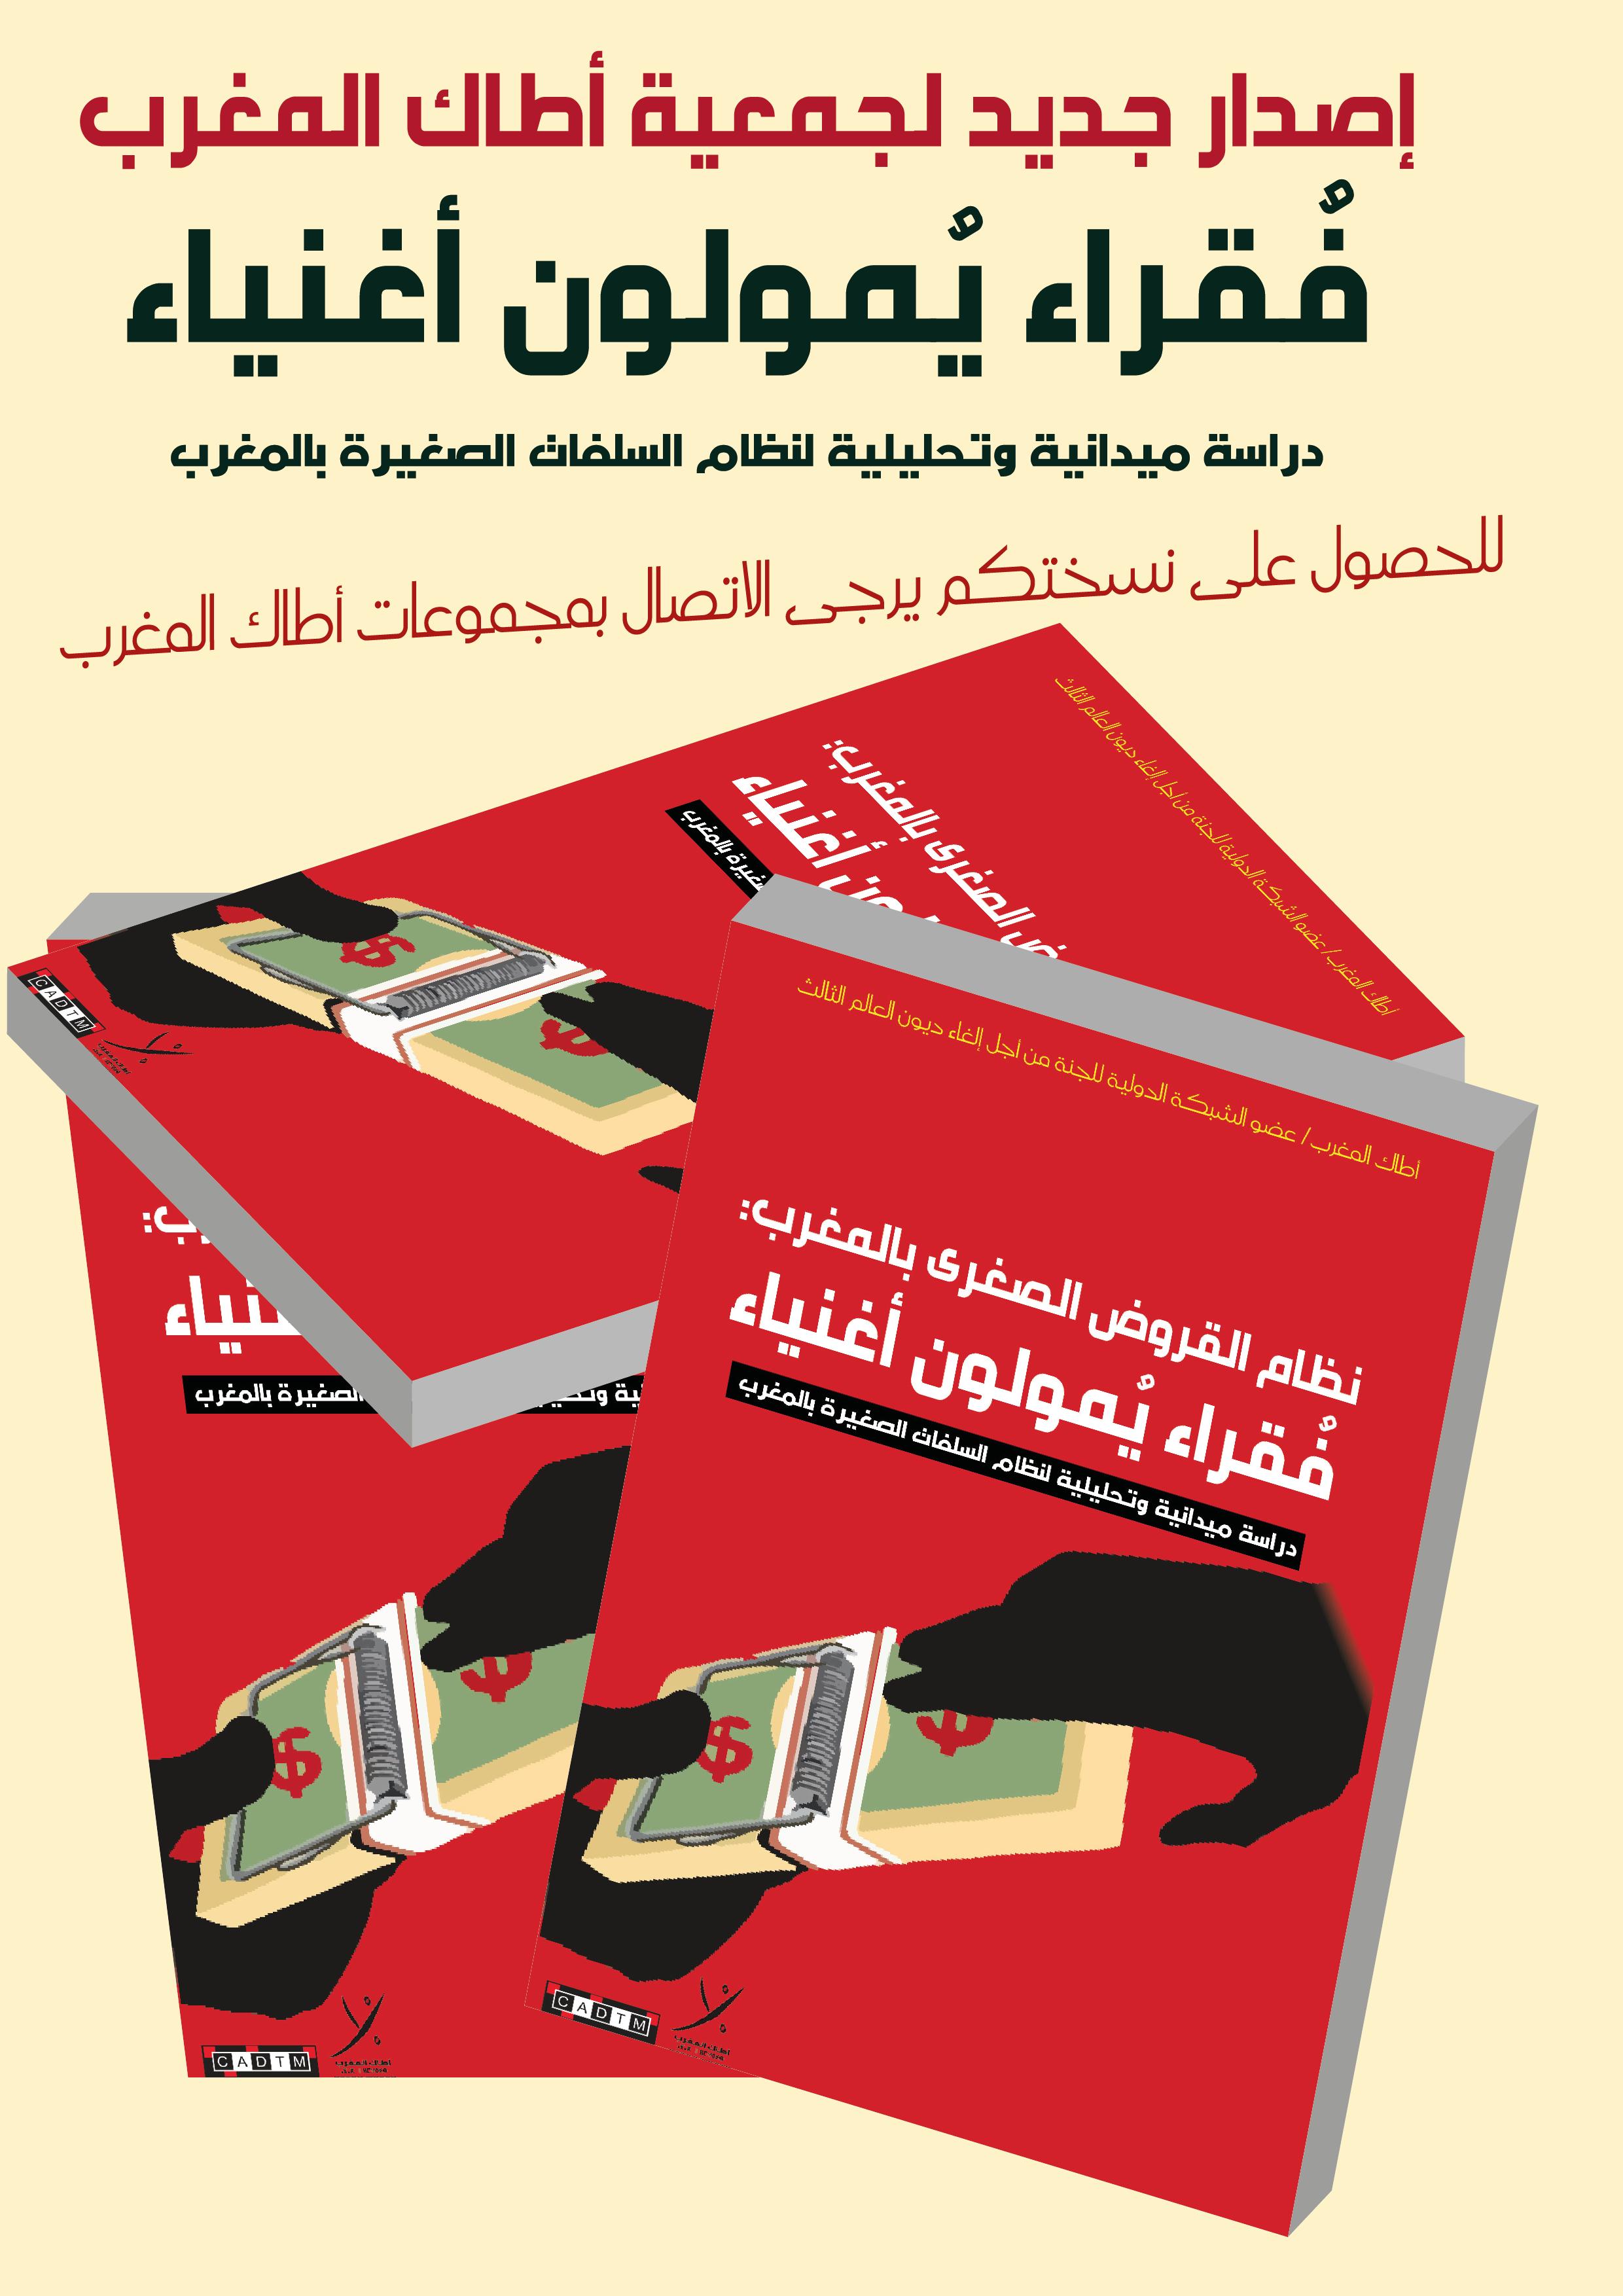 كتاب جديد لجمعية أطاك المغرب حول نظام القروض الصغرى بالمغرب يغني أدوات النضال الاجتماعي ببلدنا